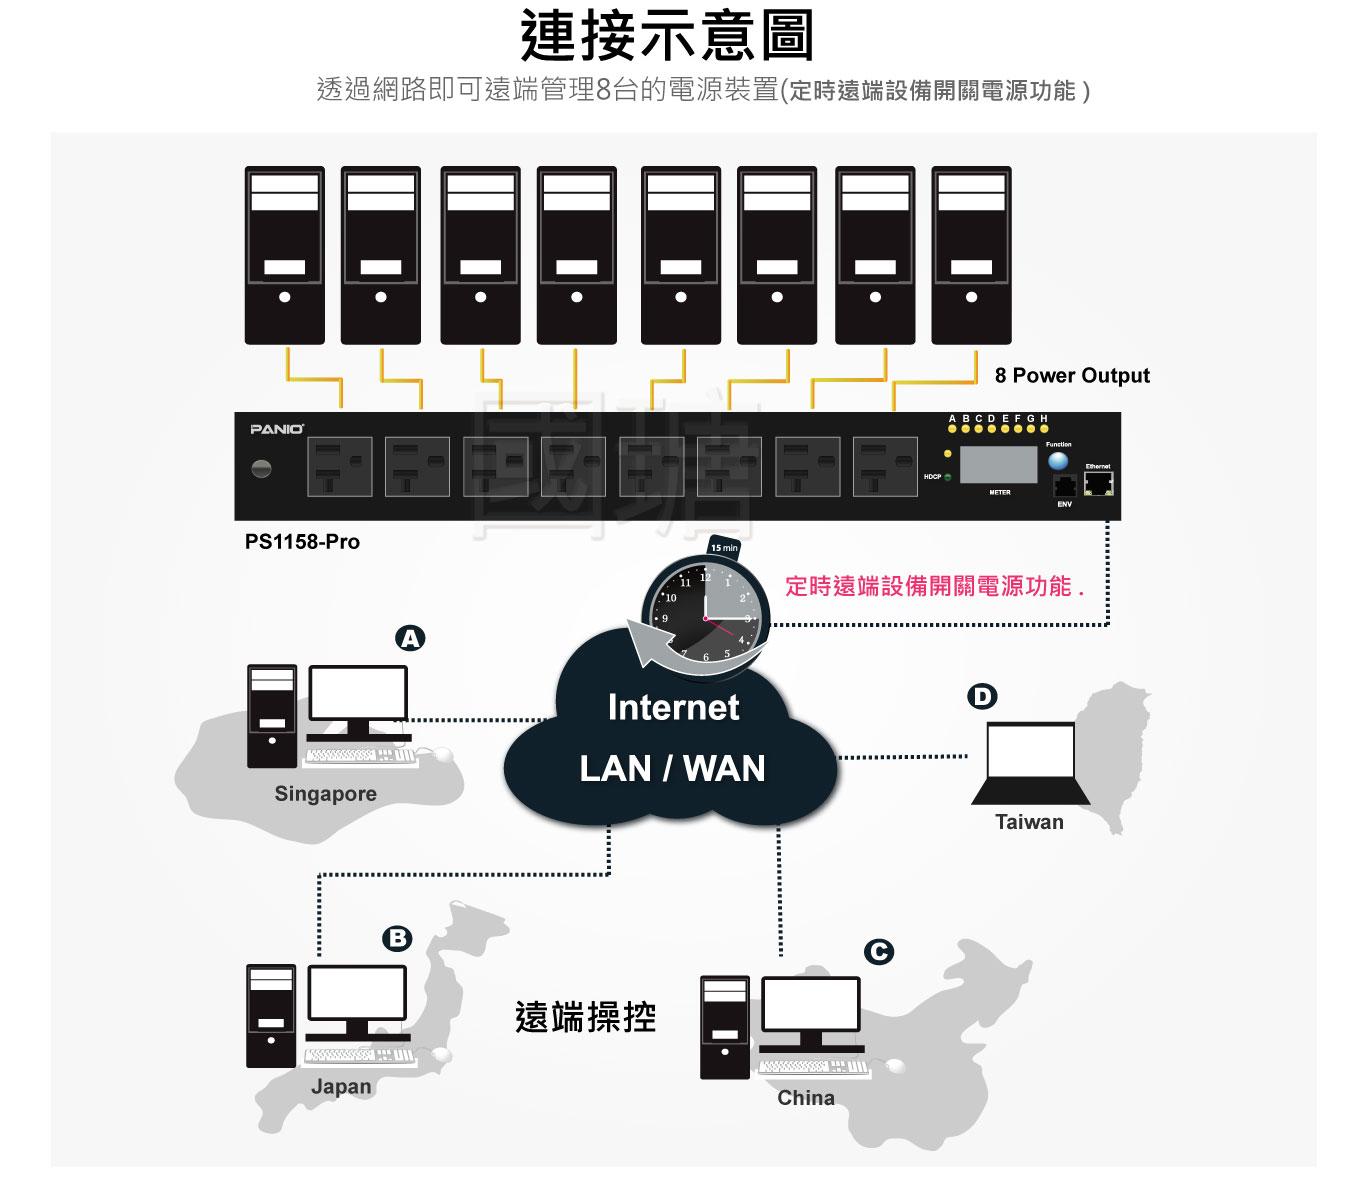 2021 8埠 遠端電源管理裝置PDU電源分配器-可設定時間排程| 台灣PANIO國瑭 PDU